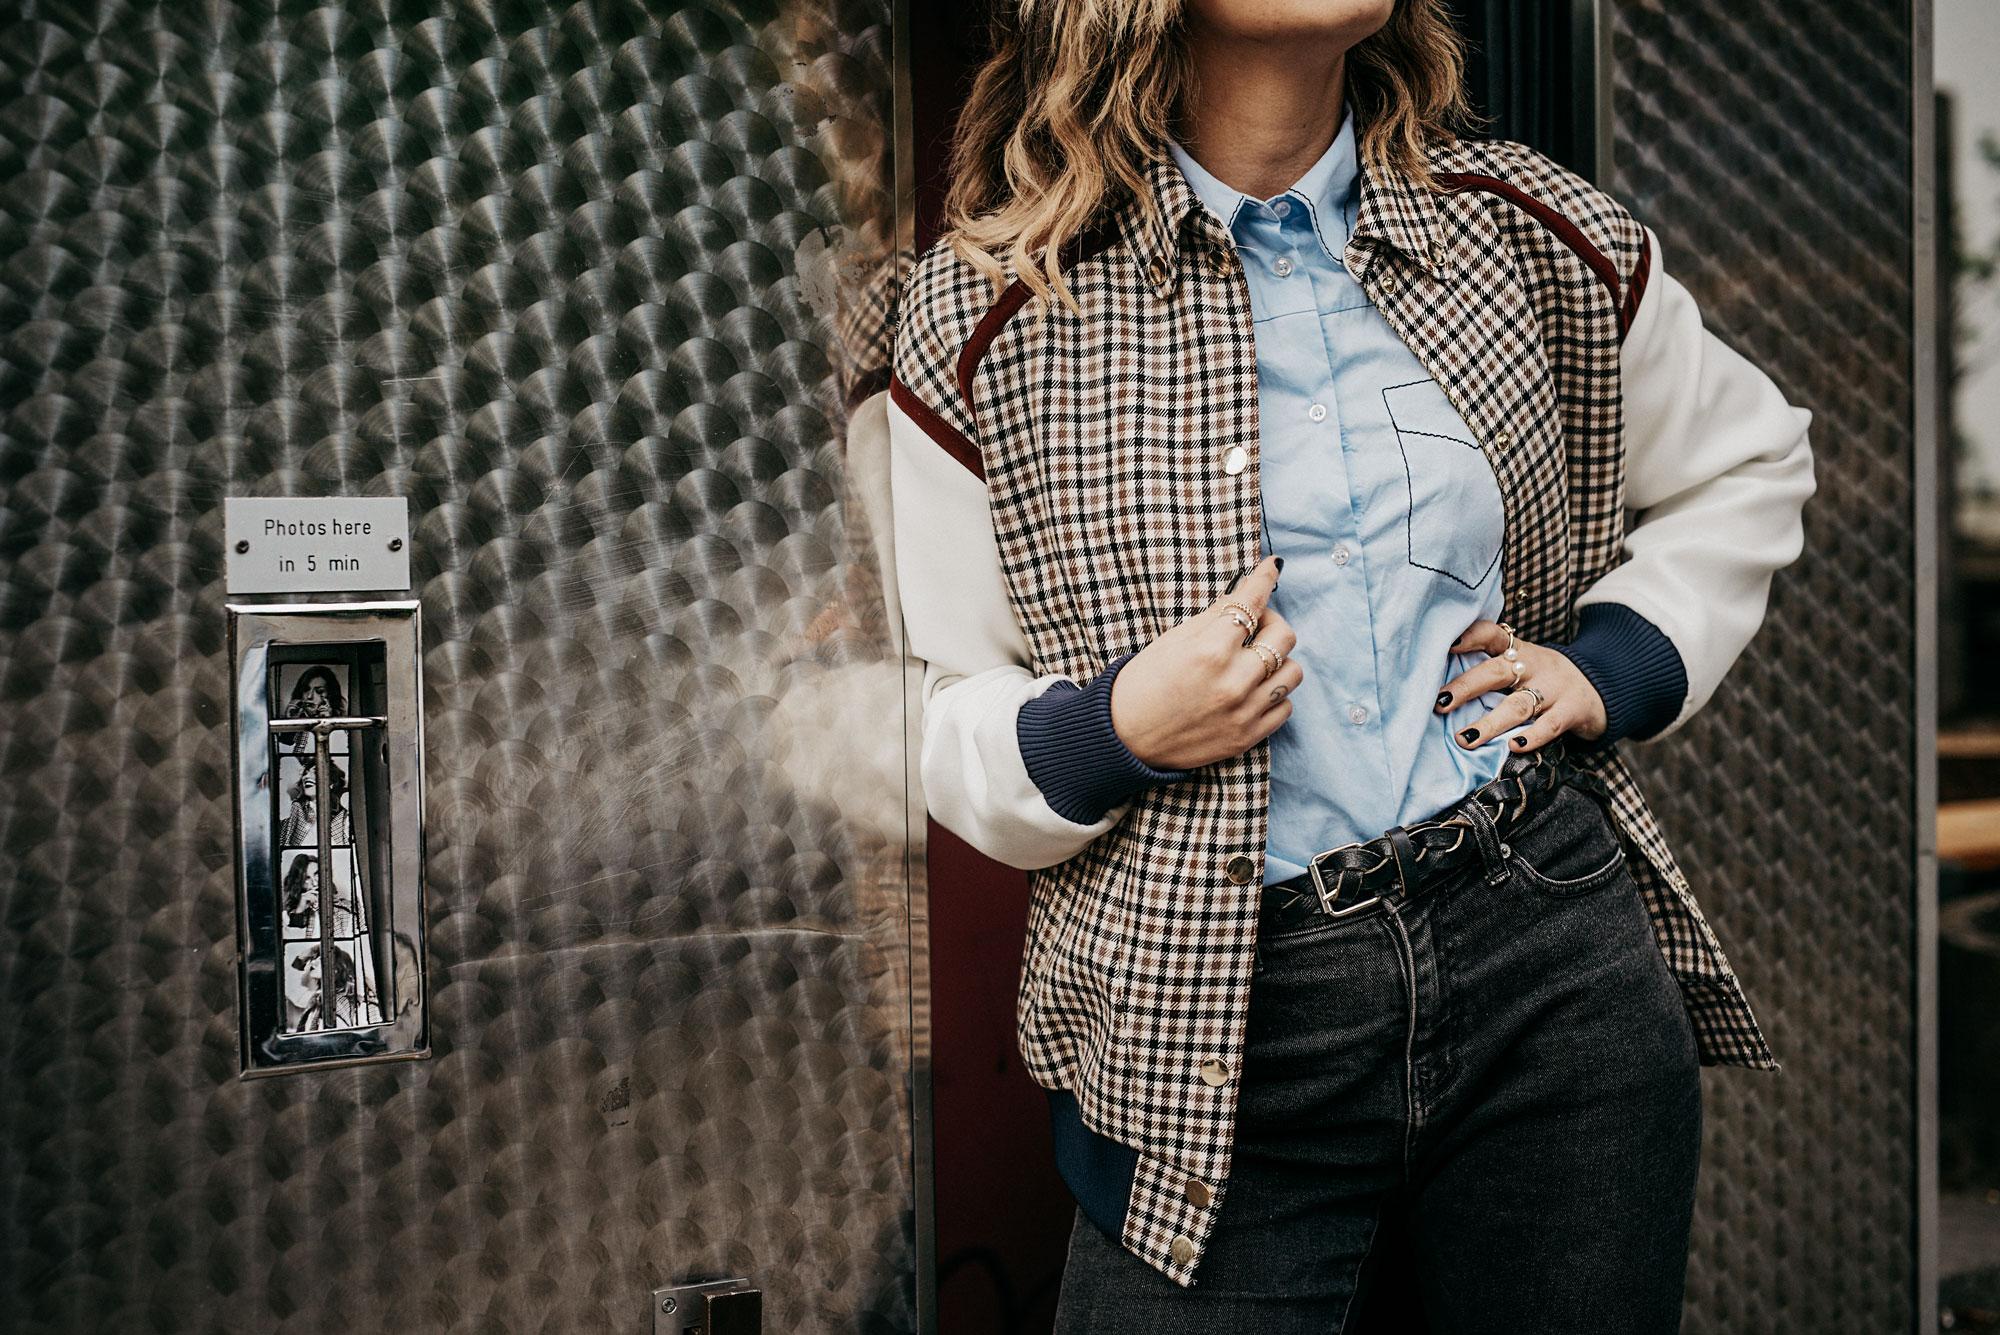 Kritik an Social Media: Warum mich die App traurig macht | Outfit: College Look | Bomberjacke mit Vichy Karo, Schuhe von Puma x Fenty, große Brille, blaue Bluse von Baum und Pferdgarten